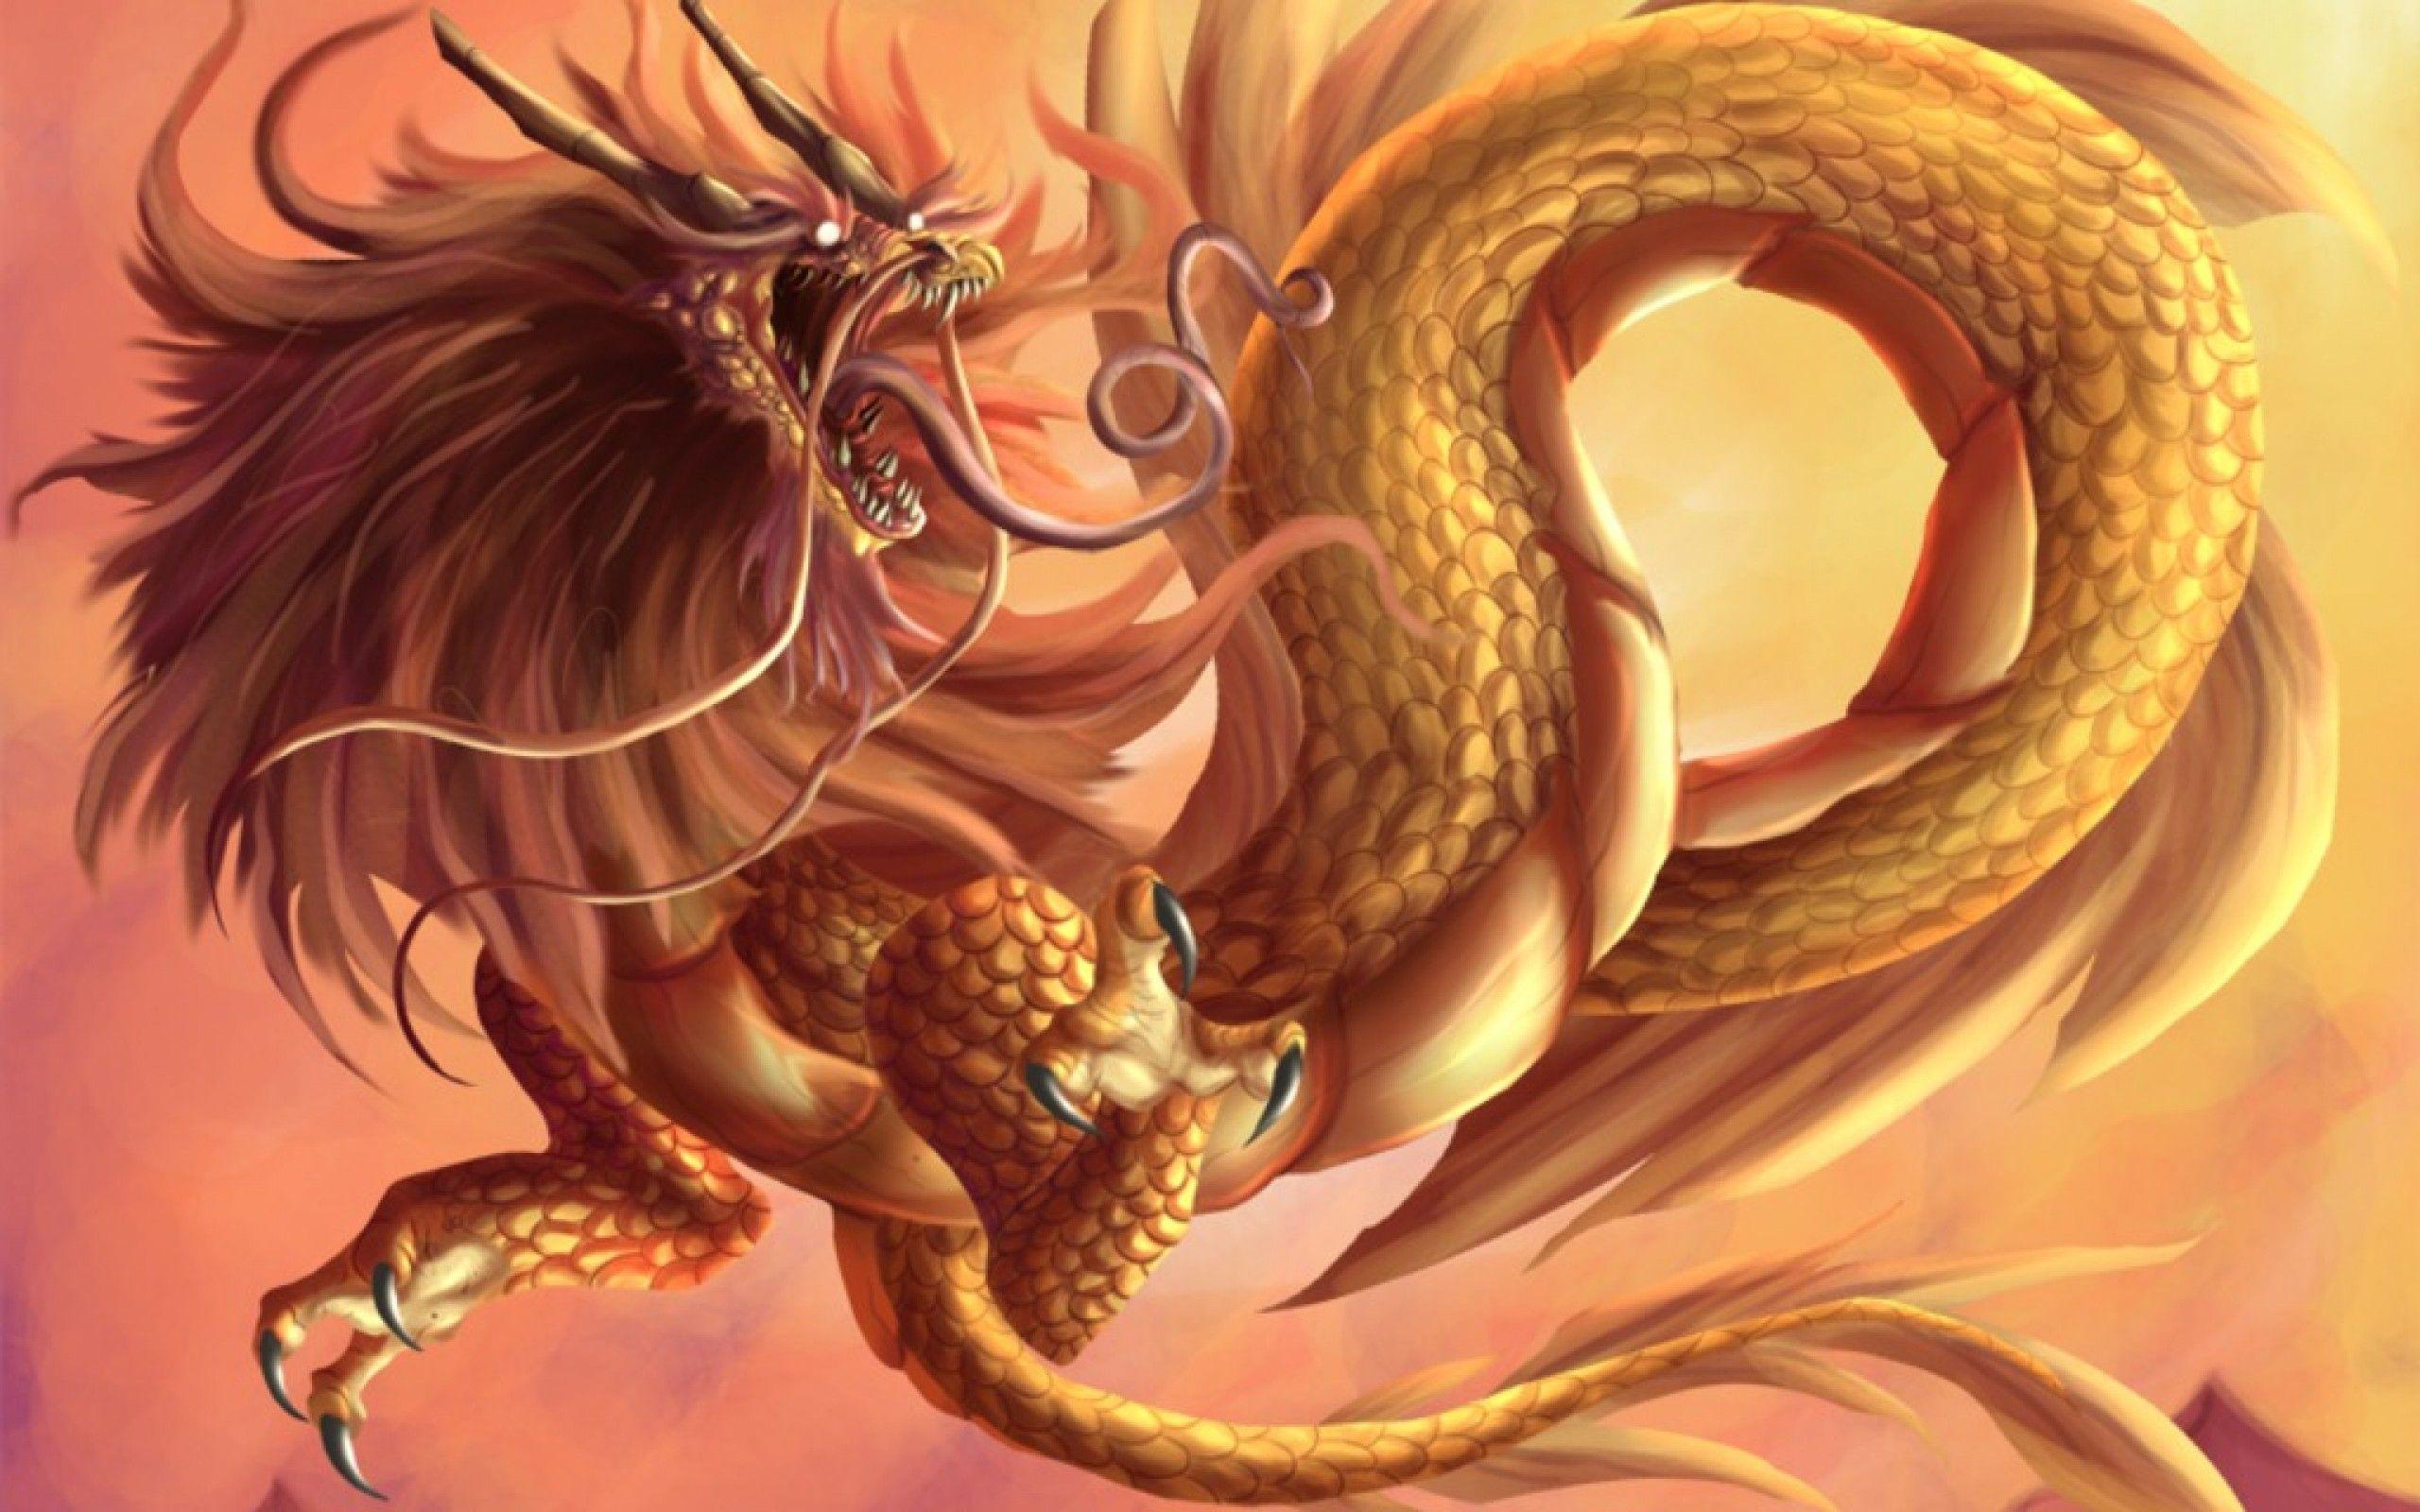 Kết quả hình ảnh cho dragon china wallpaper